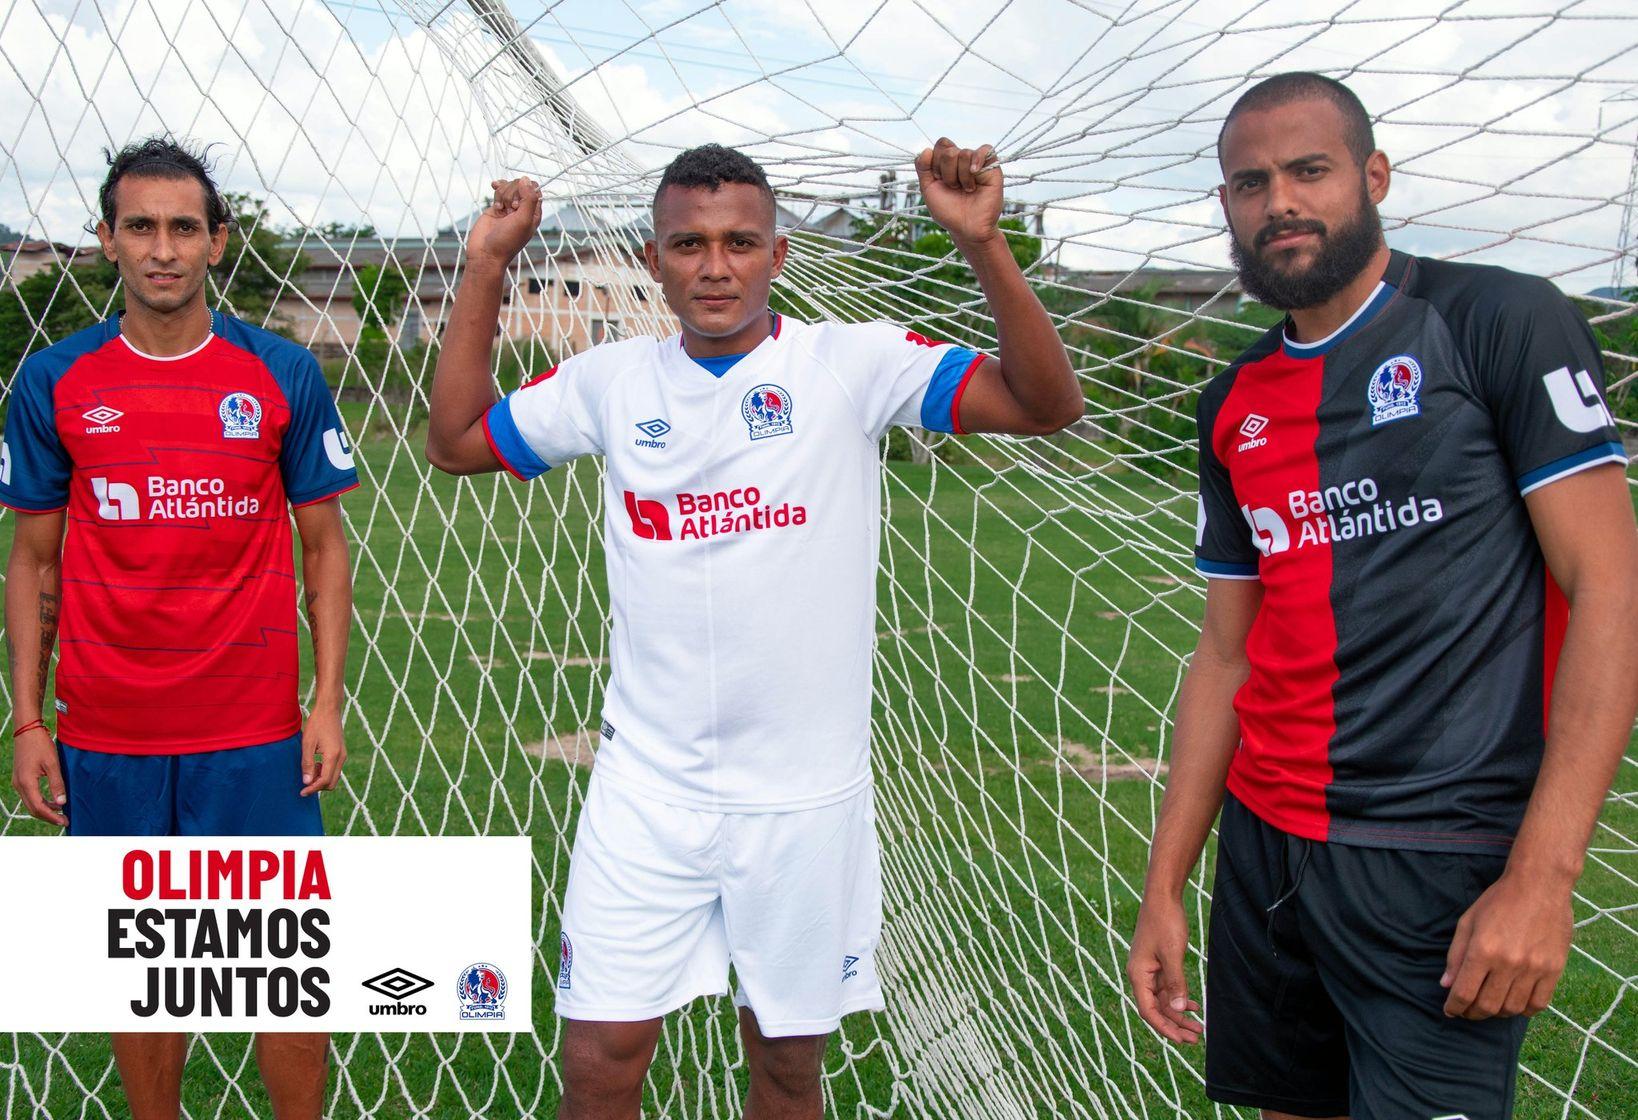 Club Olimpia 2020-21 Umbro Home, Away and Third Kits | 20/21 Kits ...